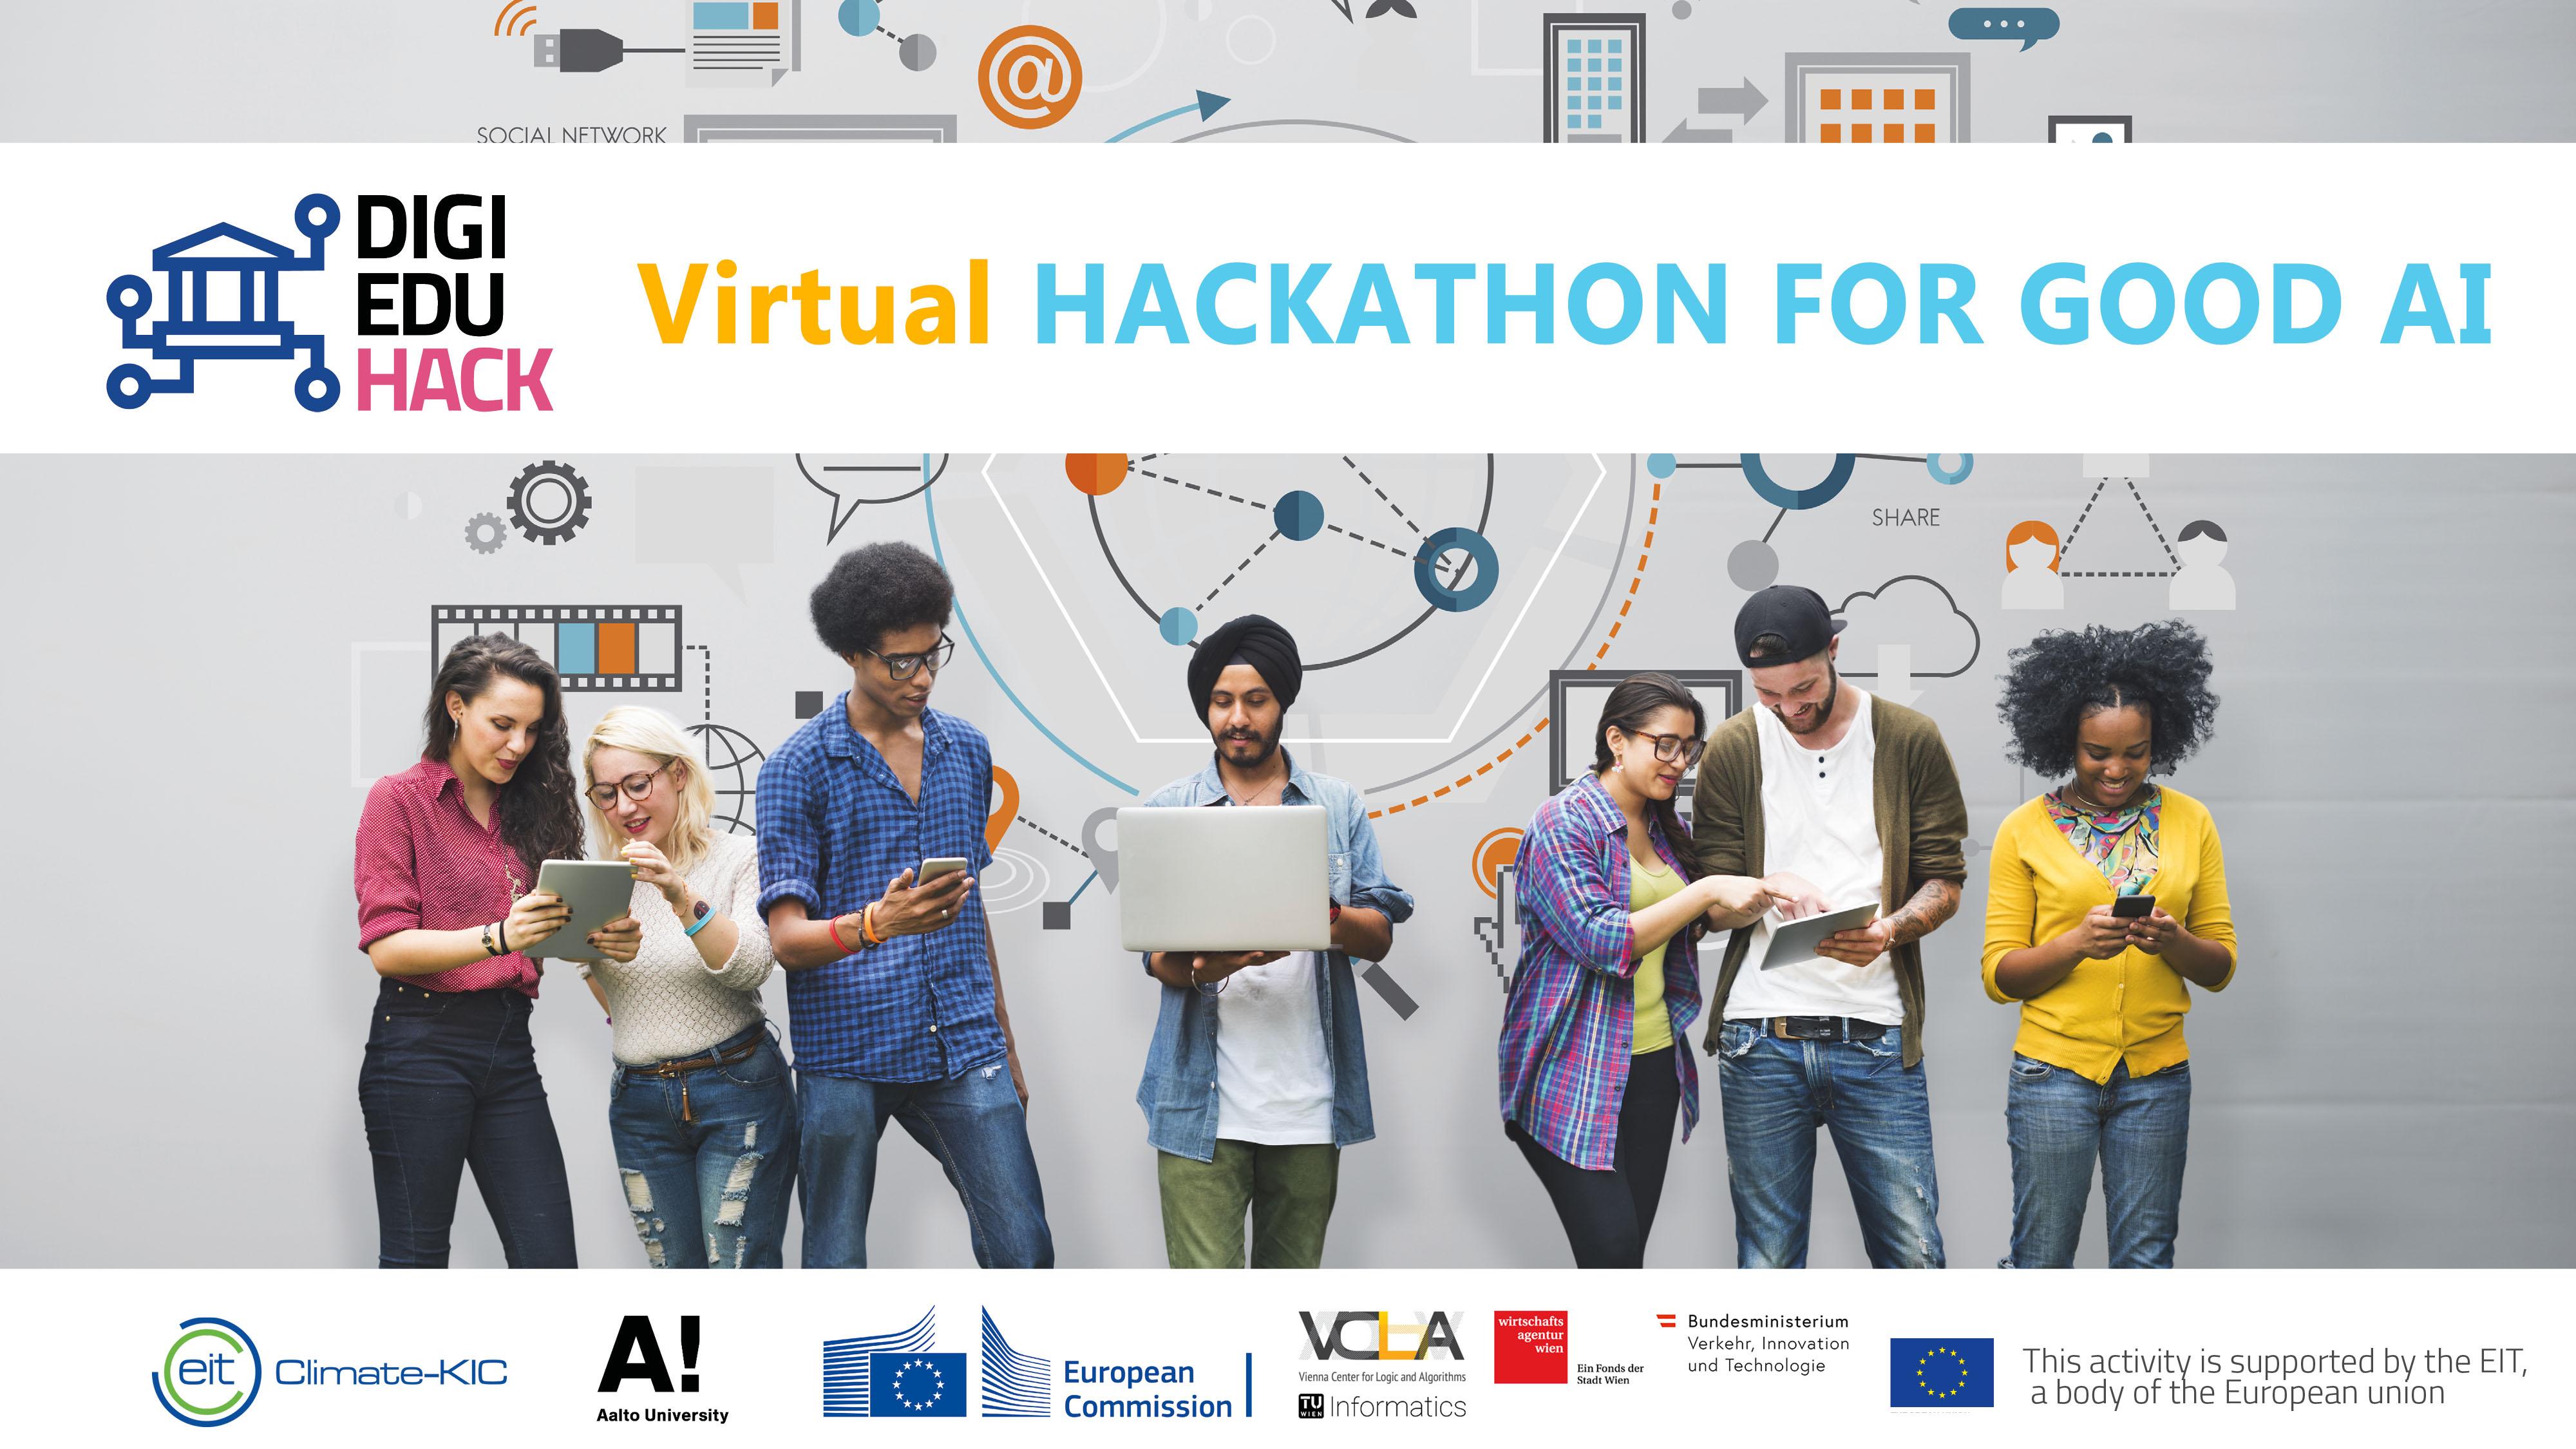 TU Wien nimmt am DigiEduHack 2019 teil